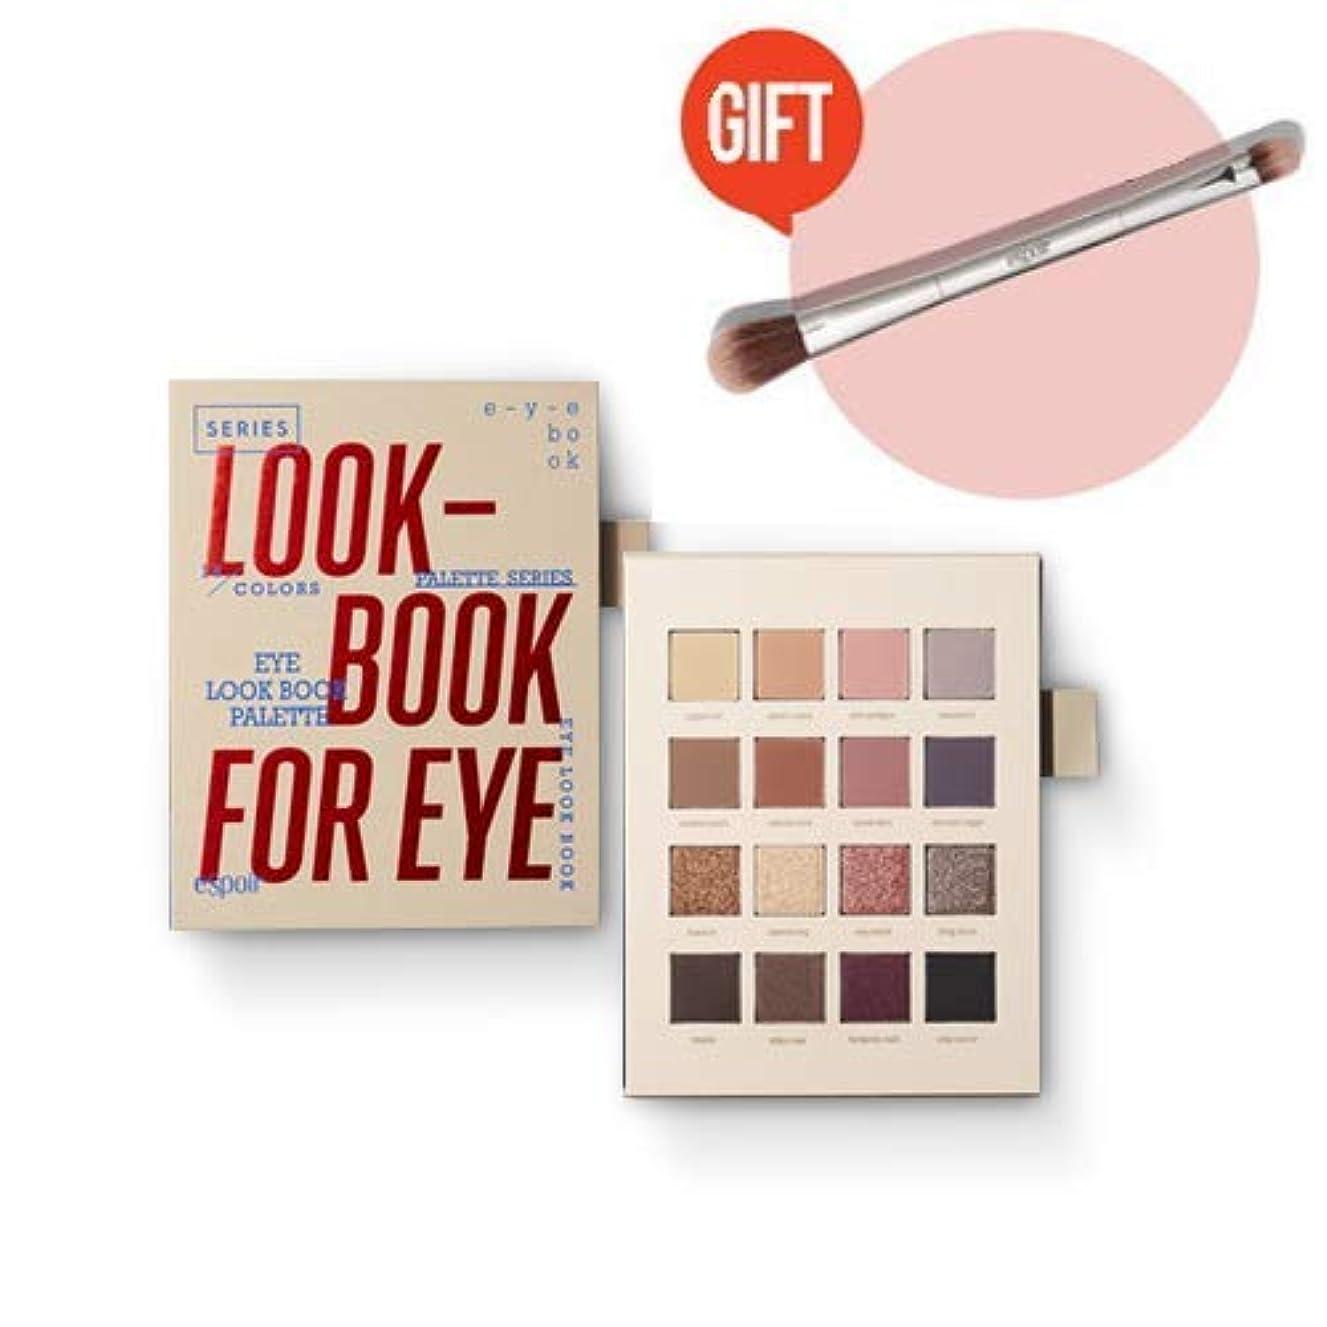 流無法者意志に反するエスプア アイ ルック ブック 2 (F/W EDITION) / eSpoir Eye Look Book 2 (F/W EDITION) [並行輸入品]